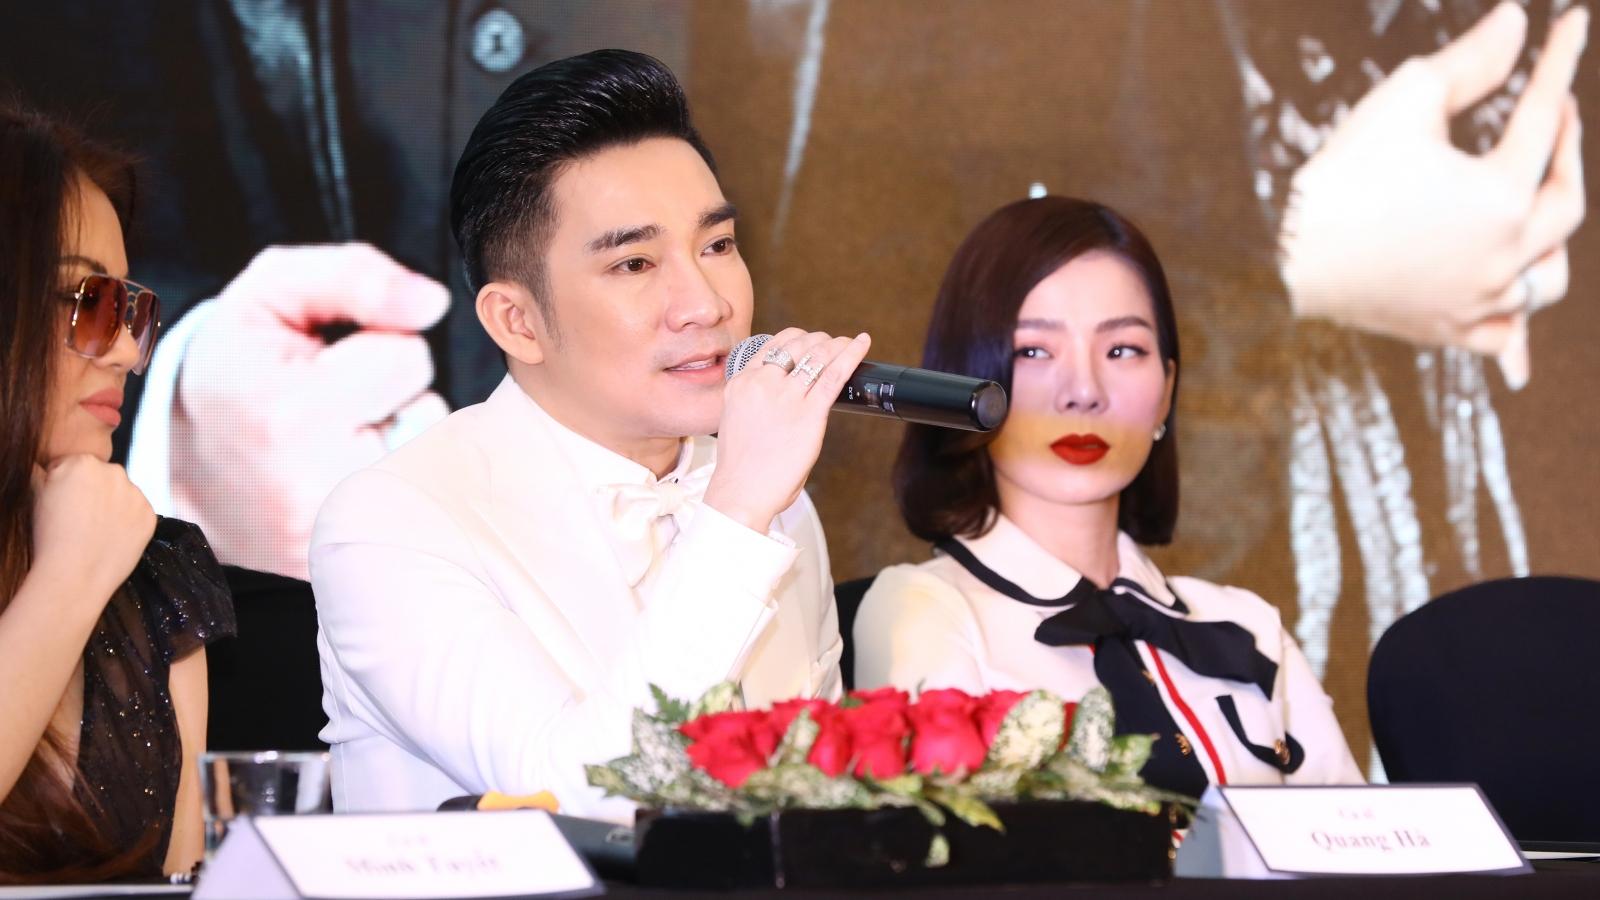 """Quang Hà chi 11 tỷ đồng để """"đứng dậy"""" sau sự cố cháy sân khấu 2 năm trước"""